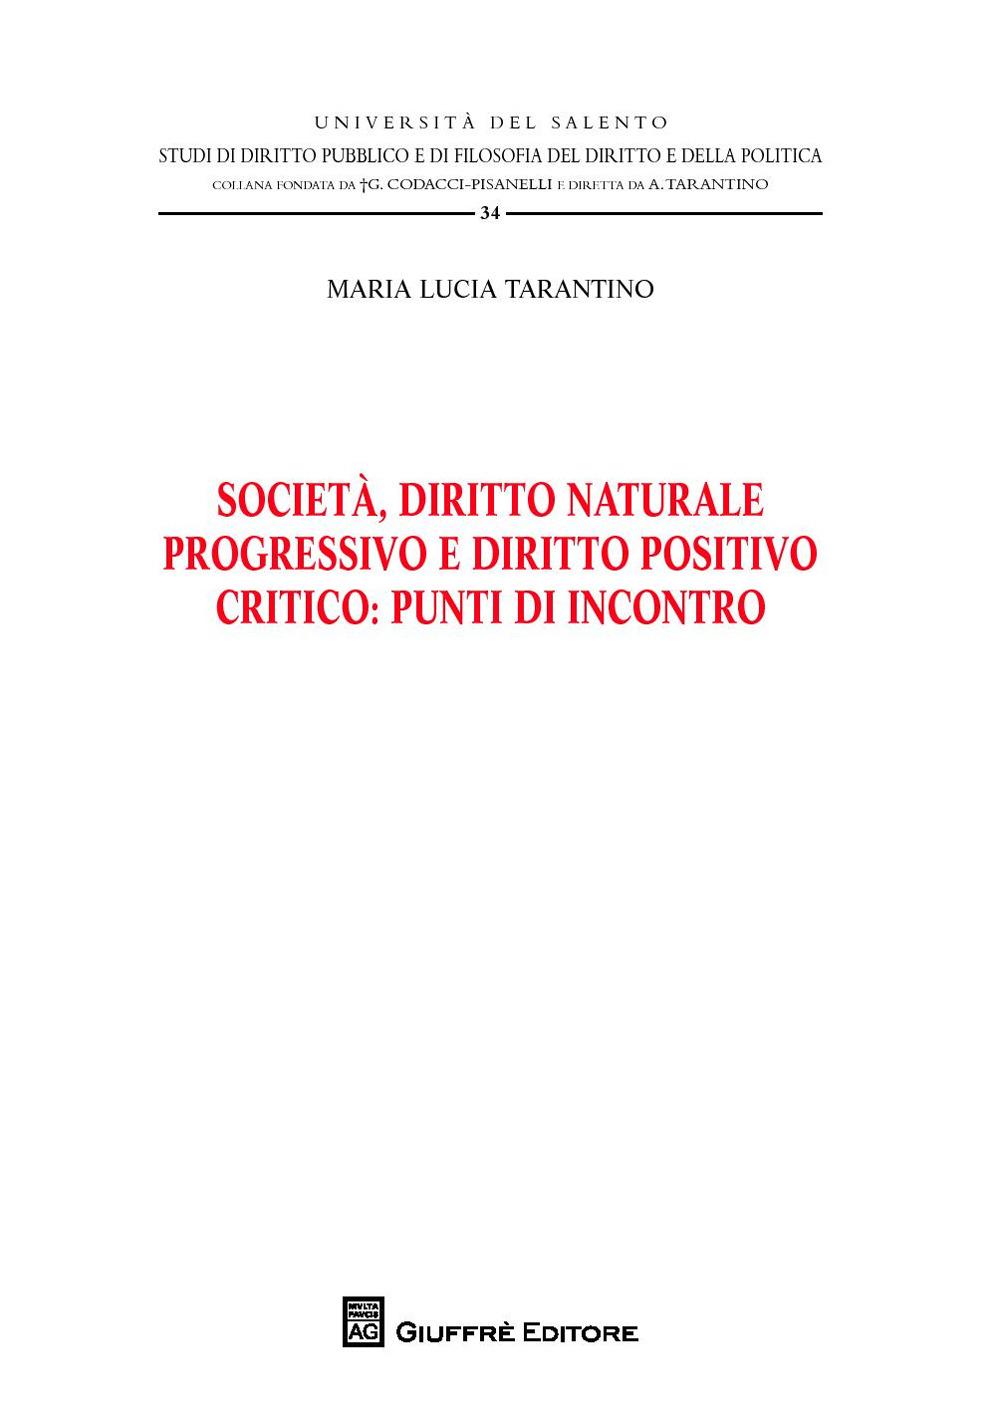 Image of Società, diritto naturale progressivo e diritto positivo critico: punti di incontro